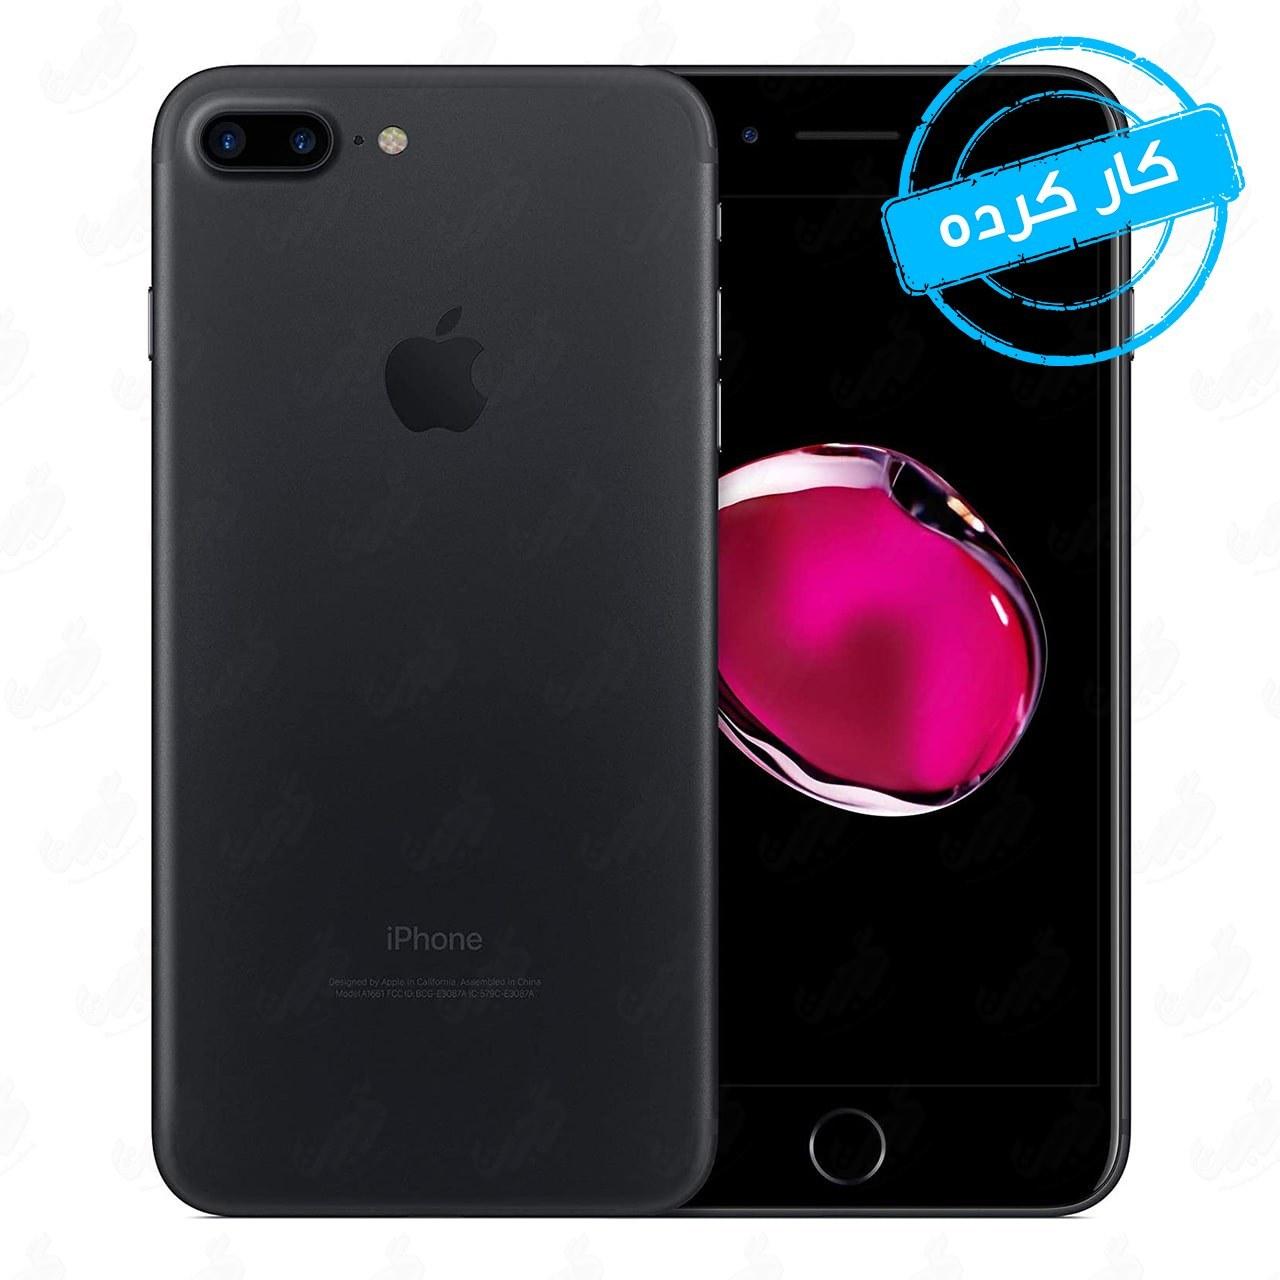 گوشی اپل آیفون 7 Plus | ظرفیت 128 گیگابایت